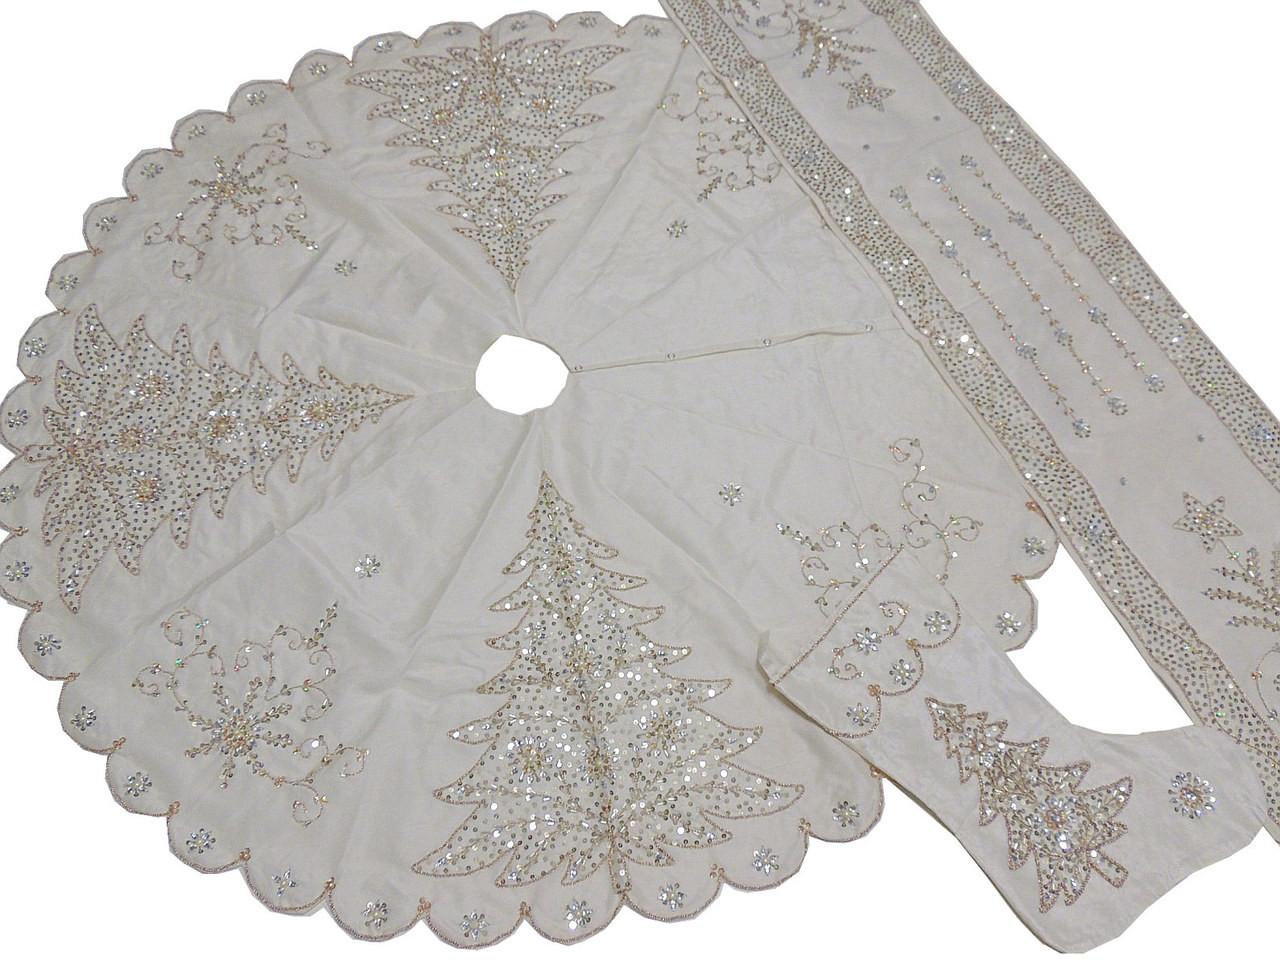 best sneakers f17b1 73cbc White Christmas Tree Skirt Stocking Runner Set - Novelty Beaded Decorations